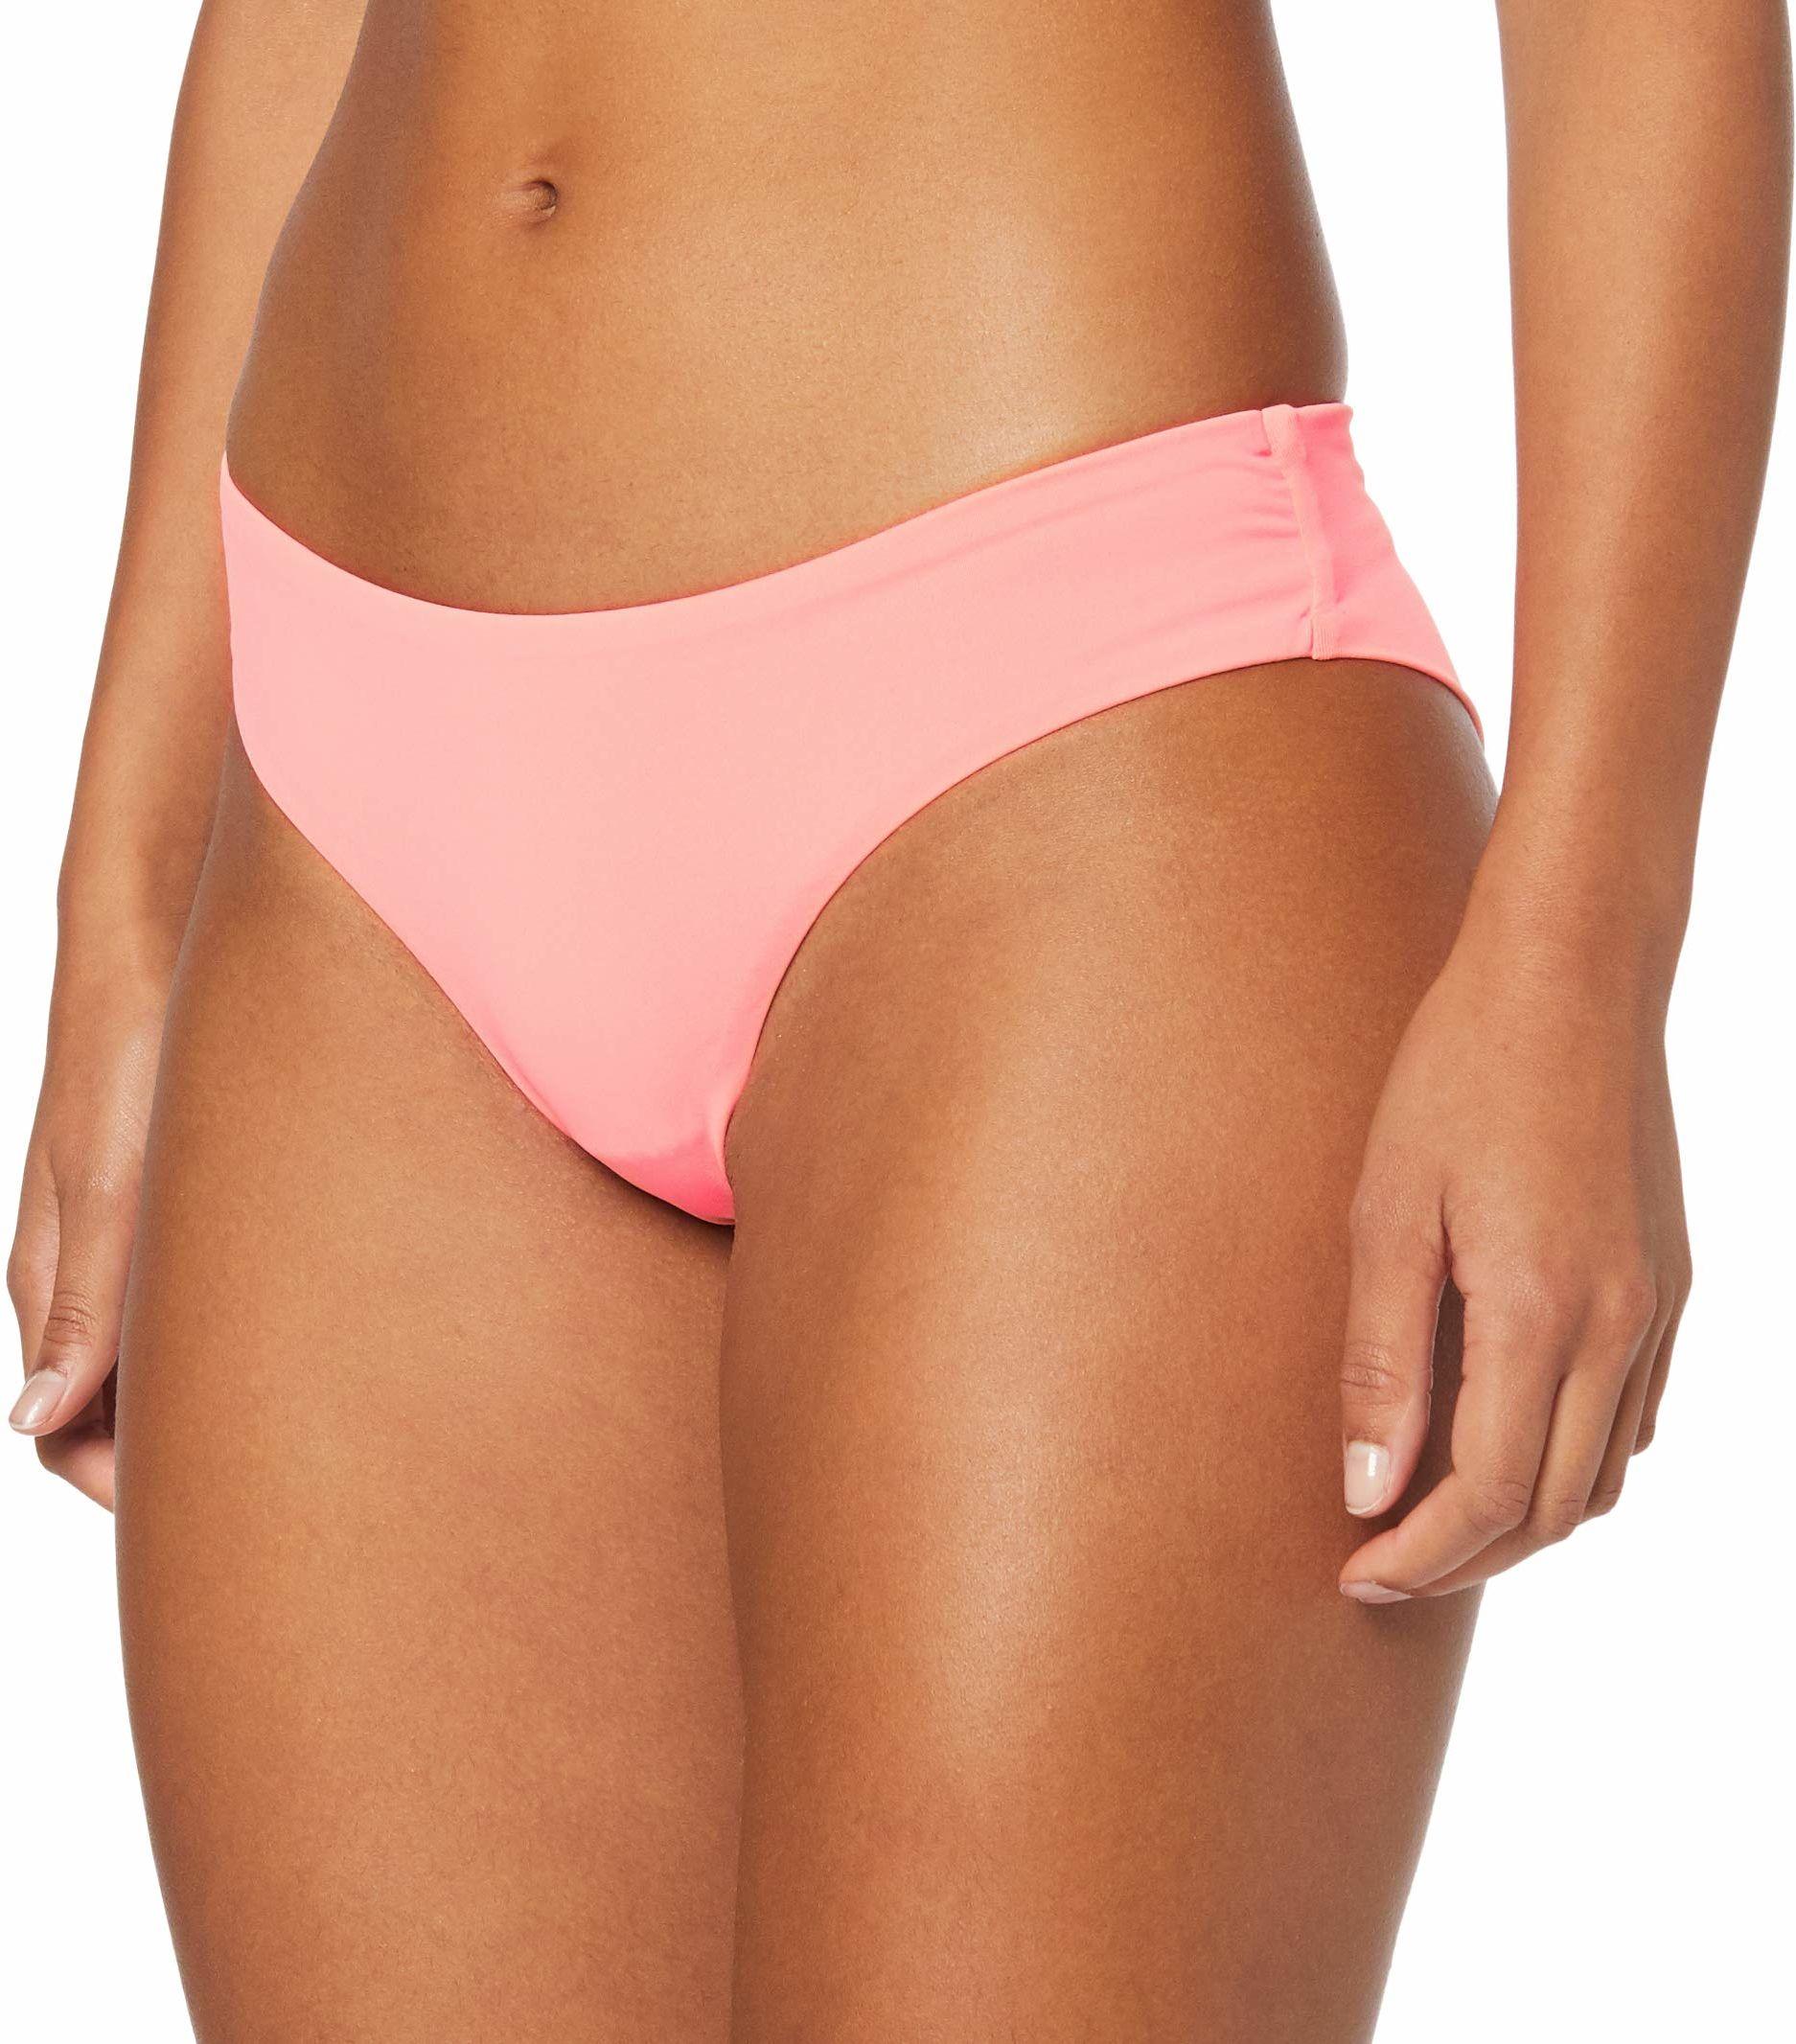 O''Neill Damskie spodnie bikini PW Maoi Mix pomarańczowa Neon Peach 40